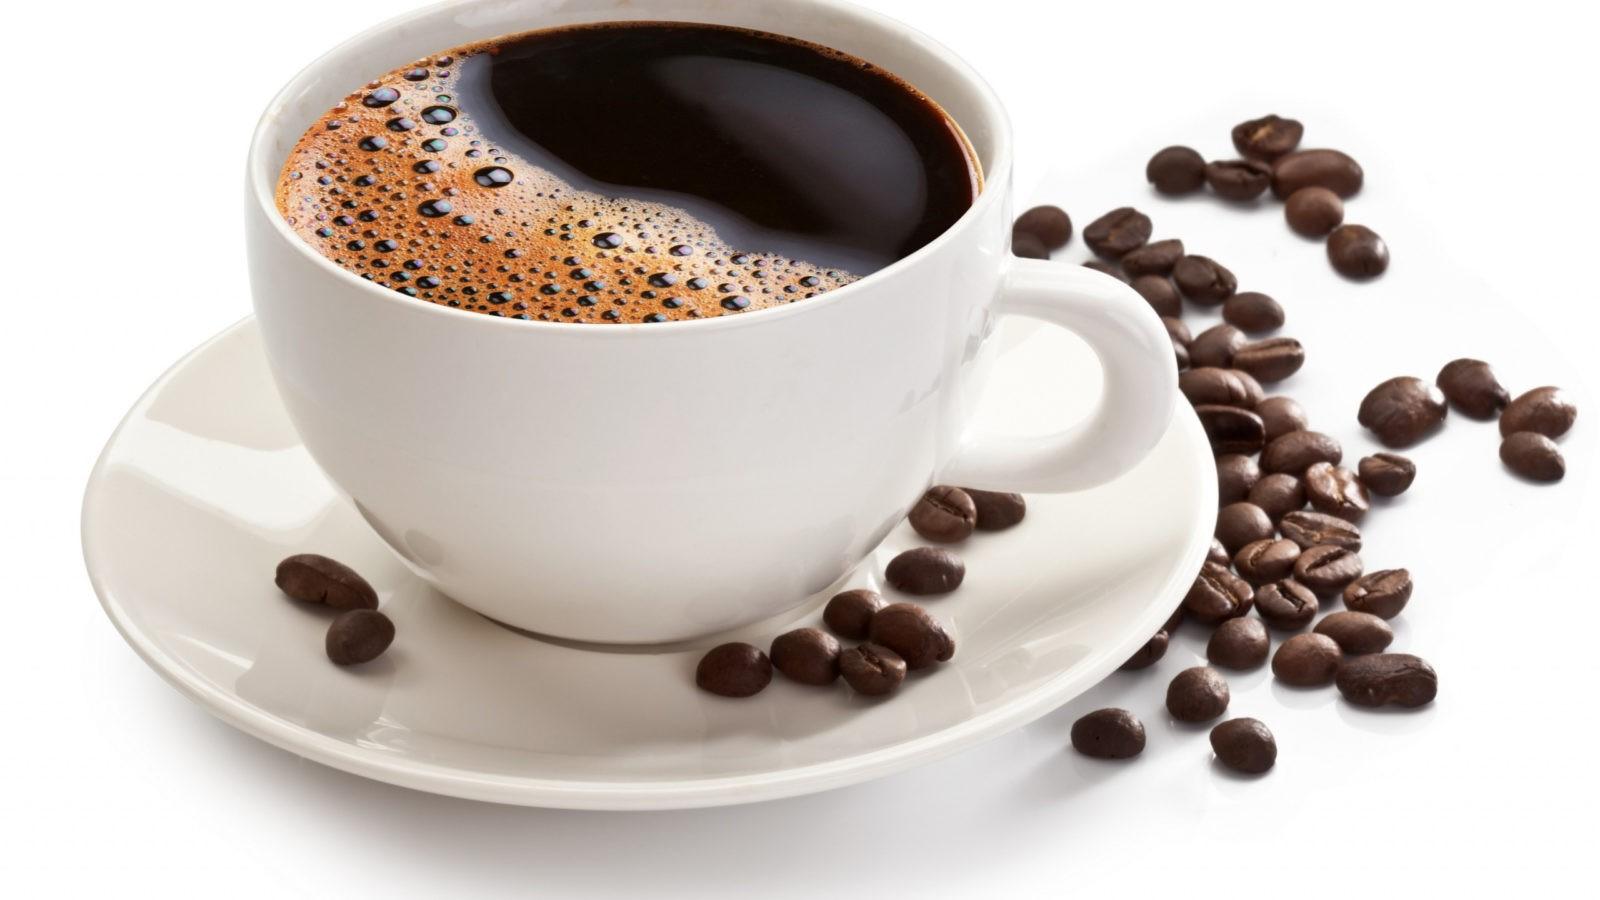 kofe chashka zerna blyudce belyy - 4 вредных эффекта кофеина